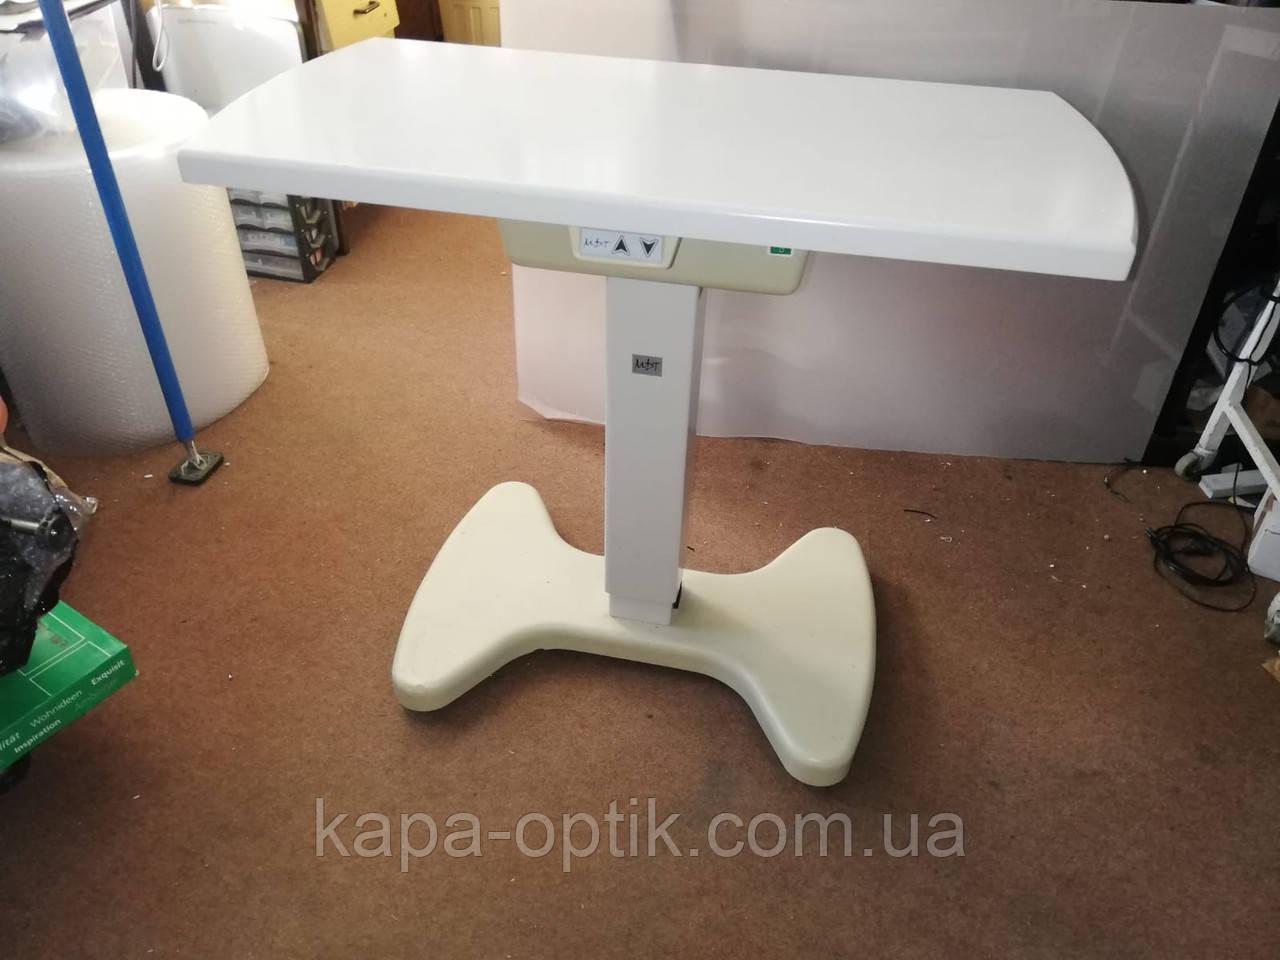 Офтальмологический стол